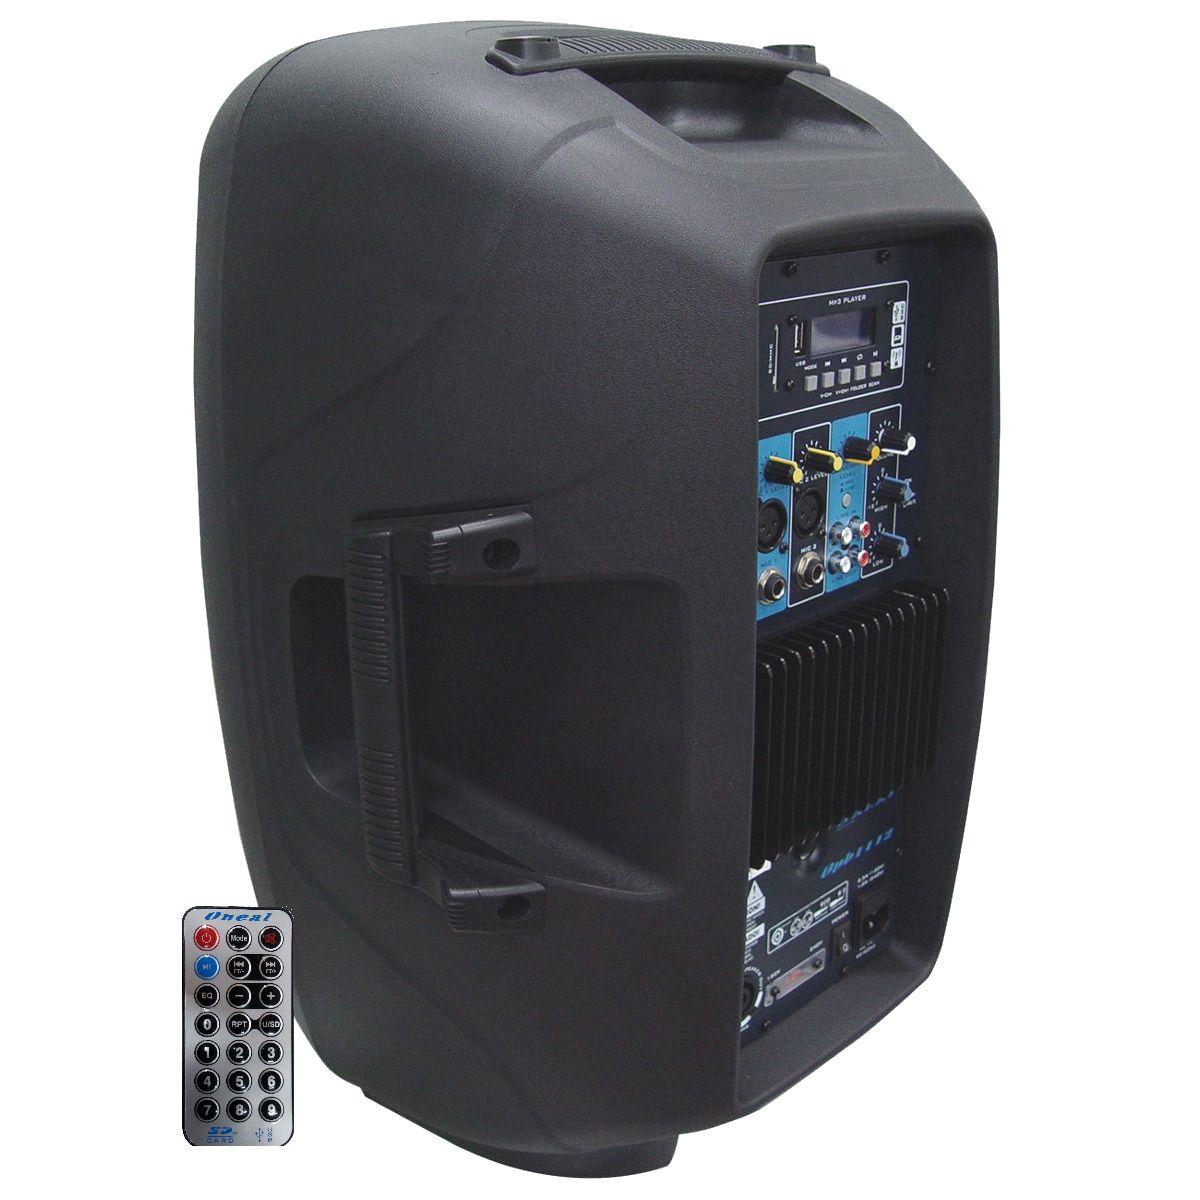 Kit Caixa de Som Oneal Ativa Passiva Opb1112 Ob1112 475w + Cabo